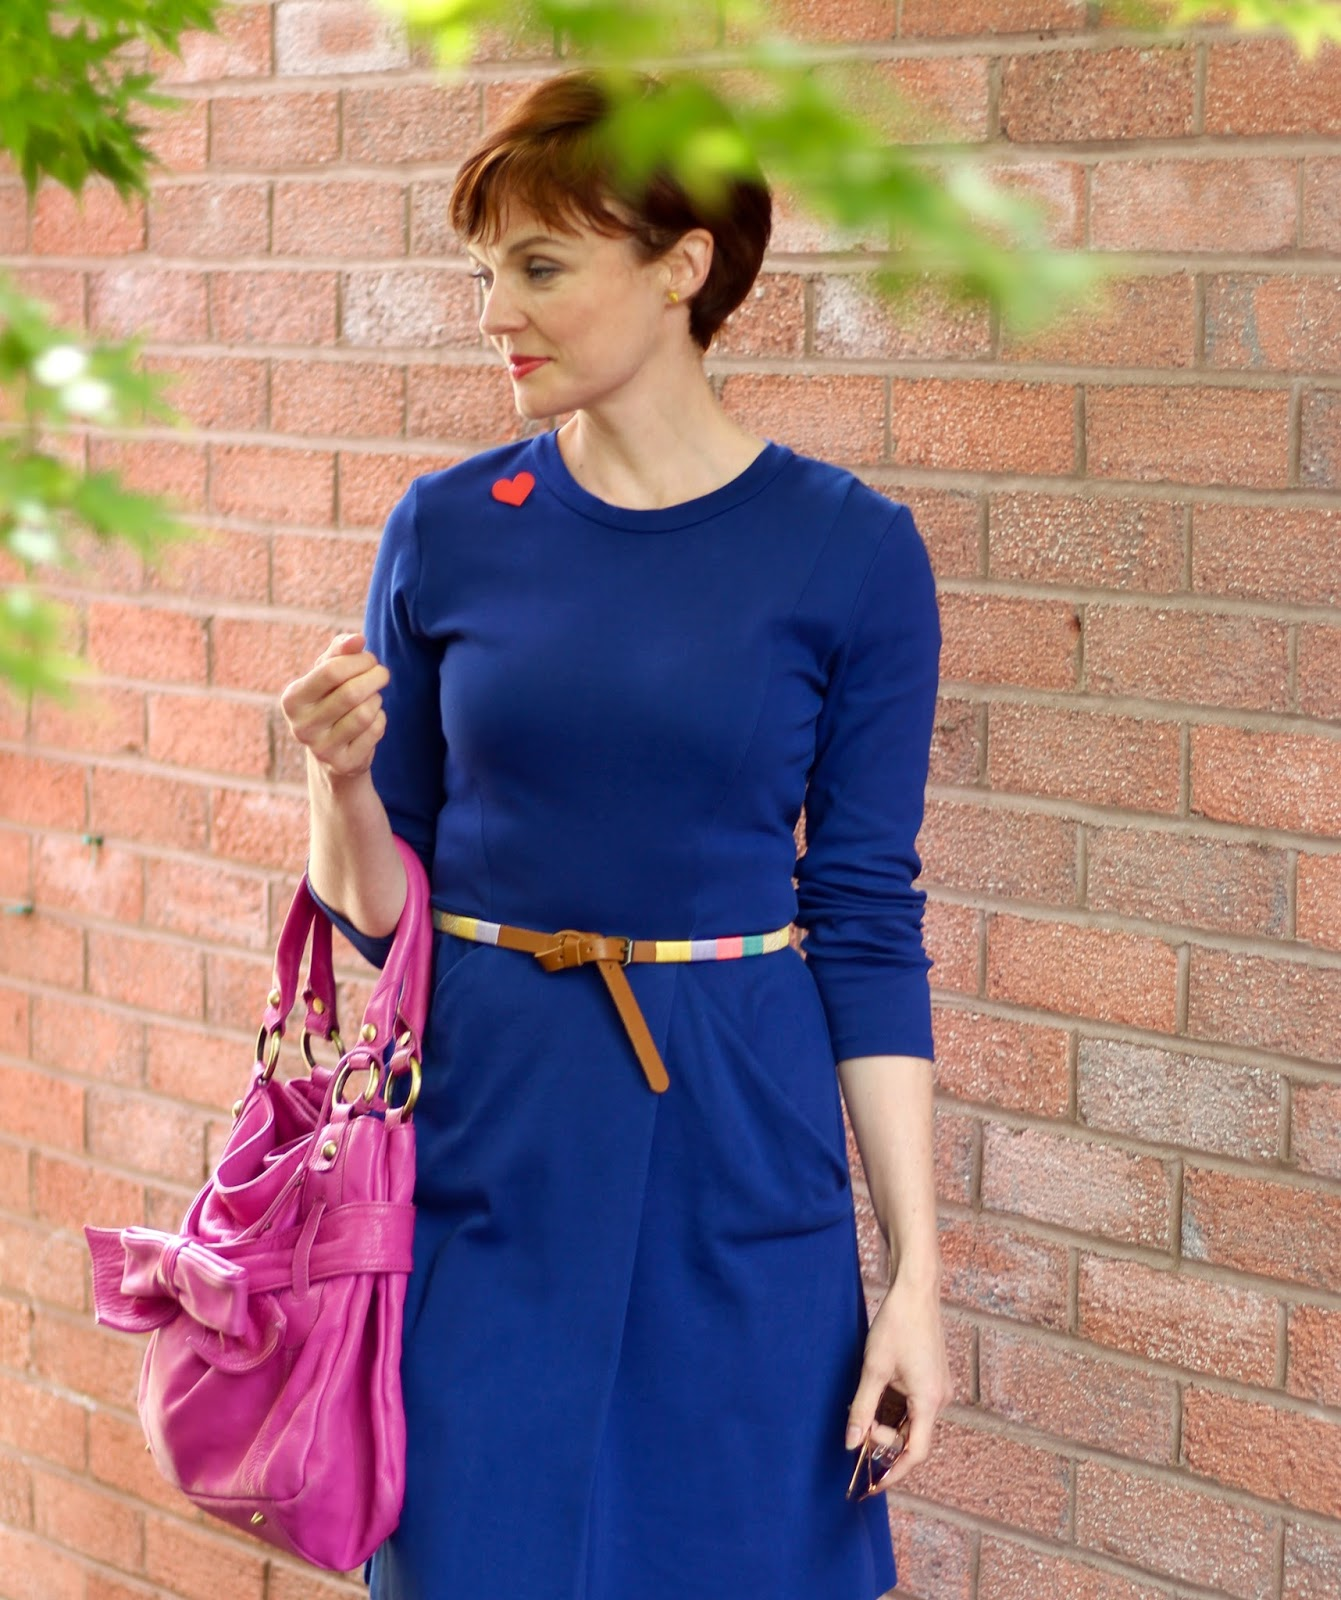 Blue Whistles Dress, Magenta Tote Bag, Tan Brogues | Fake Fabulous